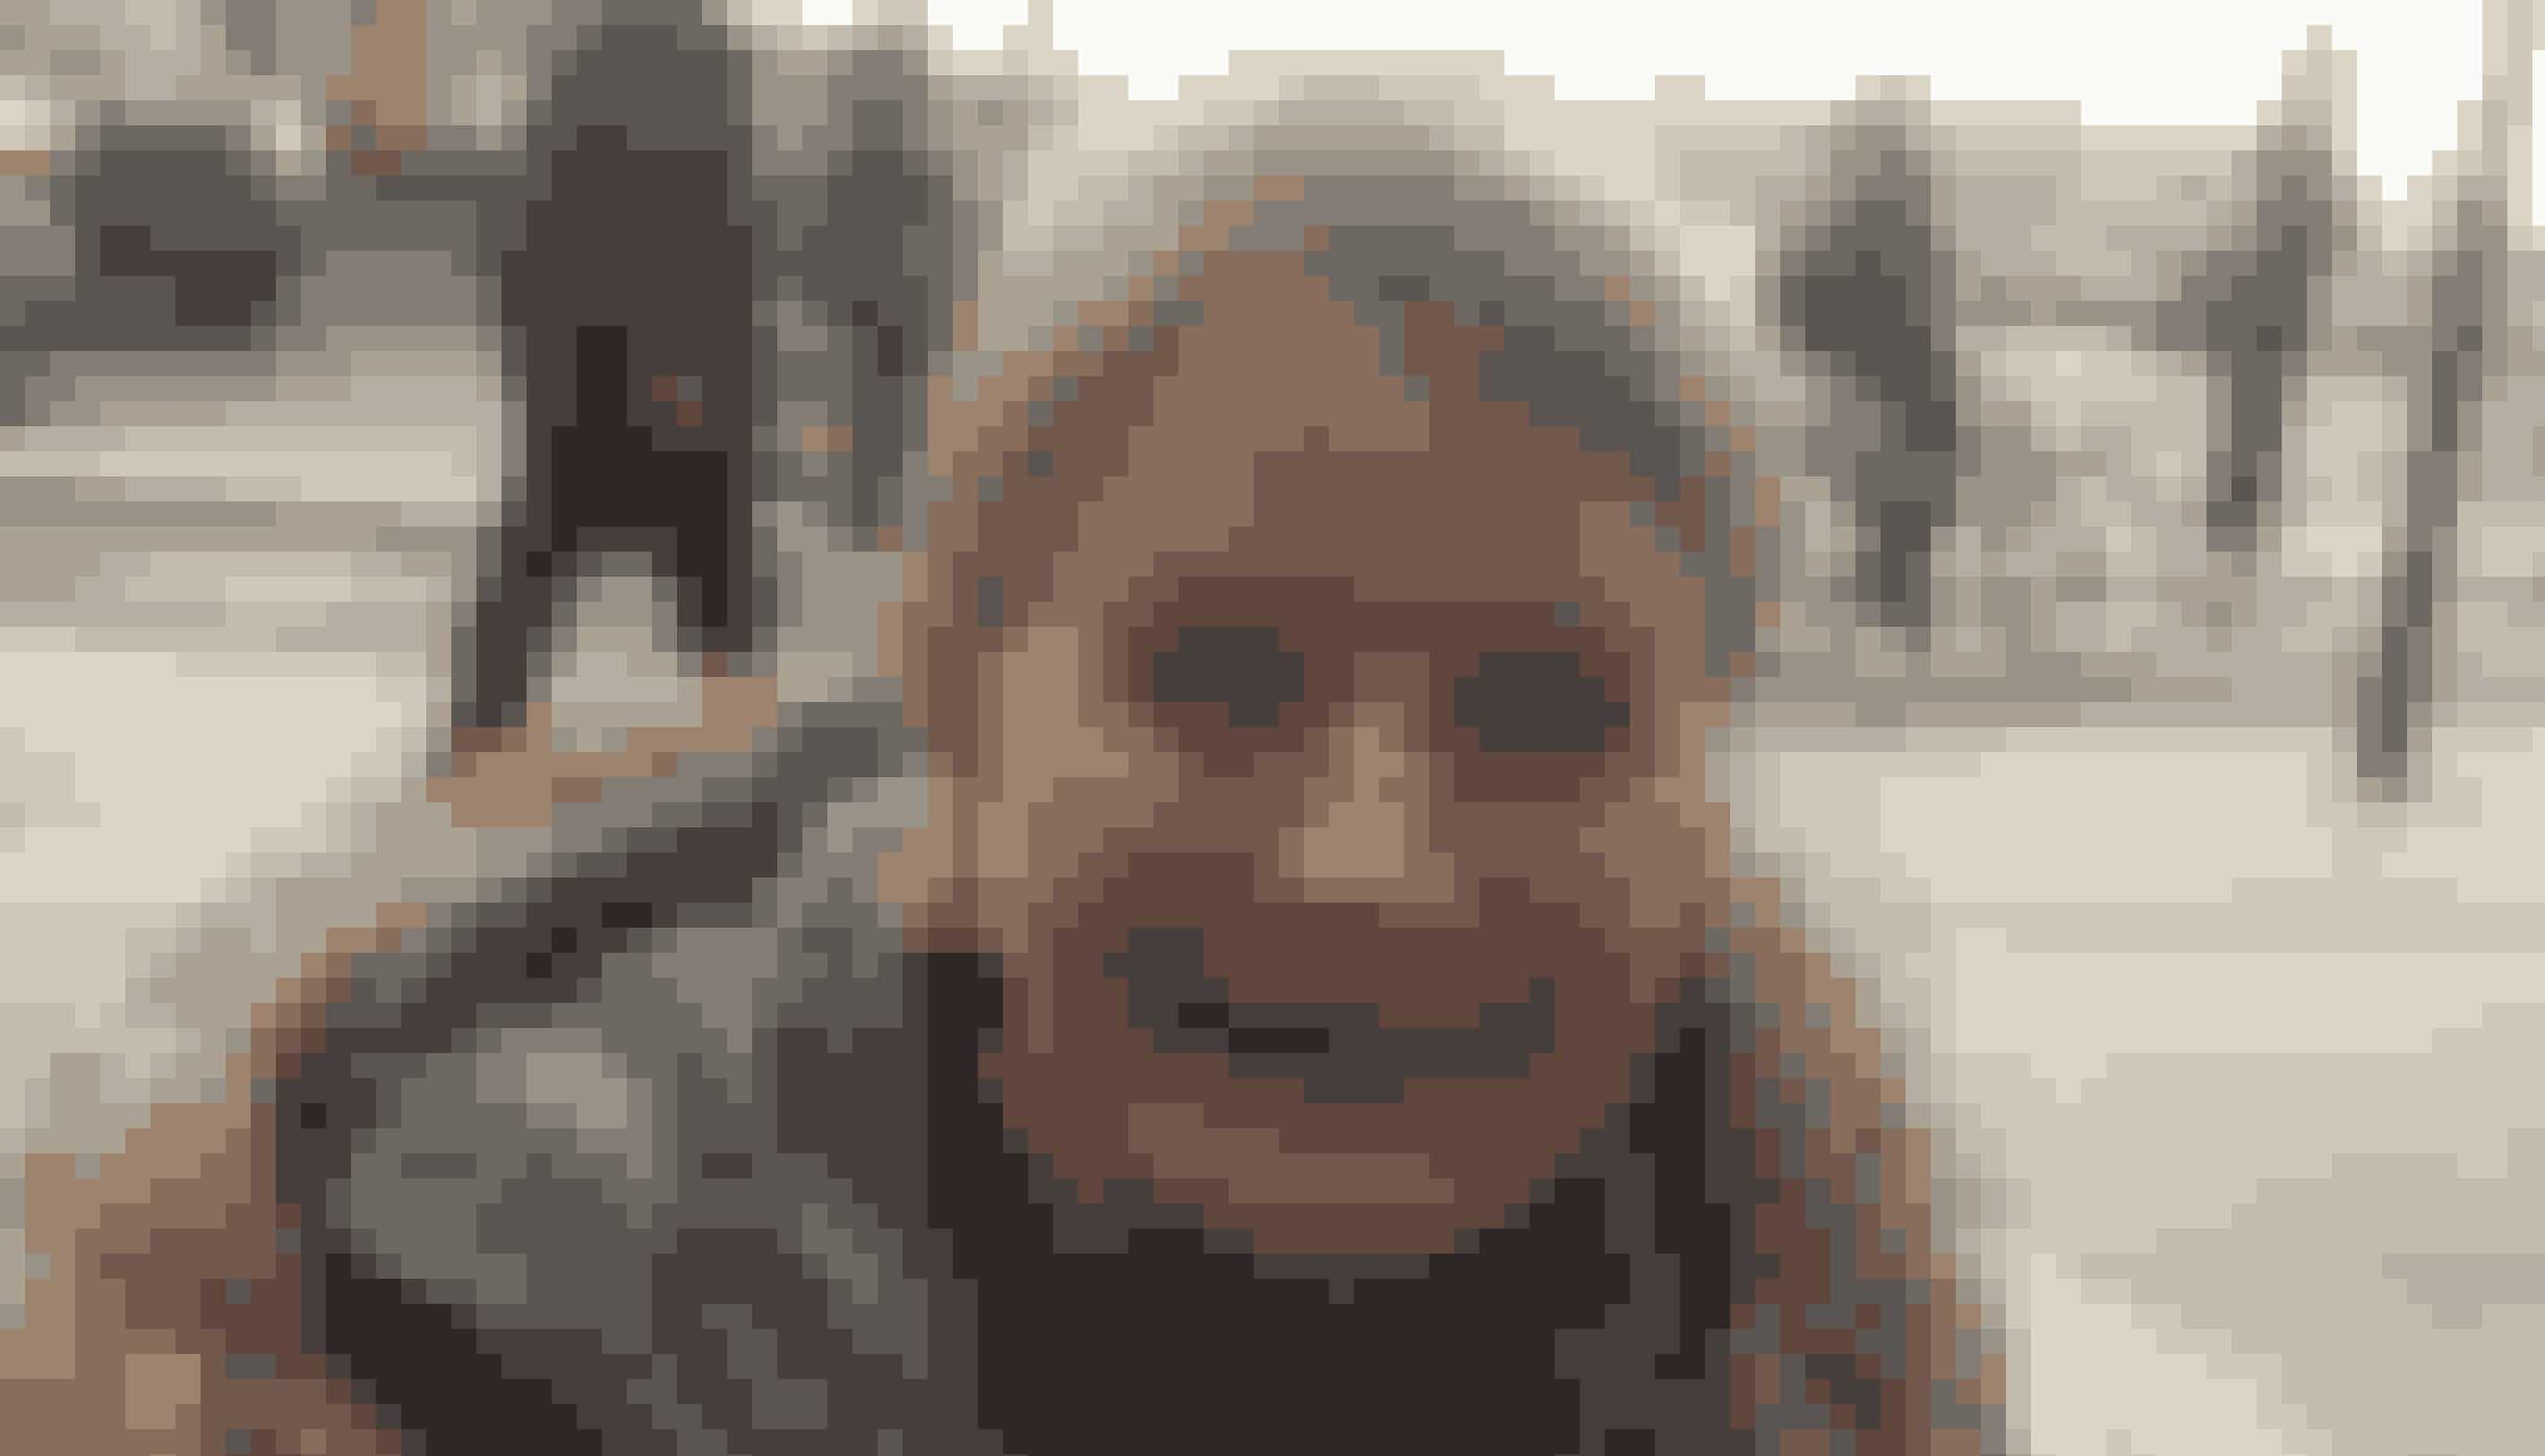 Navn: Margit NissenAlder: 64 årBy: ØsterbroJob: Efterlønner- Jeg har altid brugt omkring 10.000 kroner på julegaver fordelt på cirka 20 stk. Men i år skal jeg kun bruge 4.000-5.000 kroner, fordi vi har valgt kun at købe gaver til børnene og barnlige voksne. Det er nok 10 gaver, jeg skal købe. Jeg kan godt lide at give gaver, og jeg følger altid ønskelisterne. Jeg begynder typisk at købe pakkerne i begyndelsen af december, for jeg skal lige have færdiggjort de hjemmelavede pakkekalendere til alle mine børnebørn.